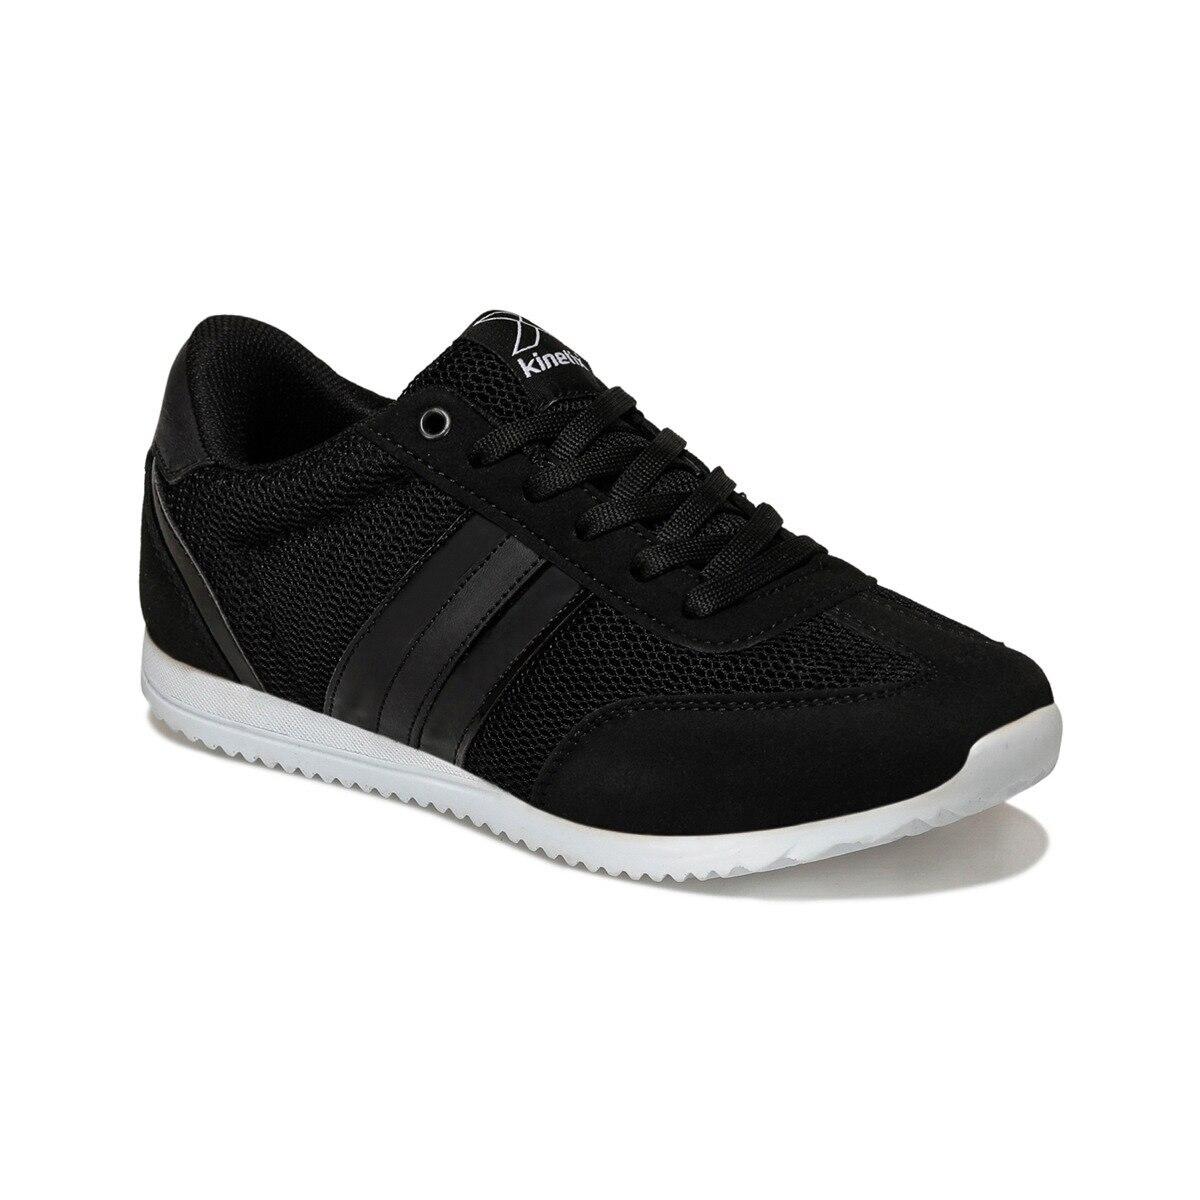 FLO AVILA MESH W Black Women 'S Sneaker Shoes KINETIX